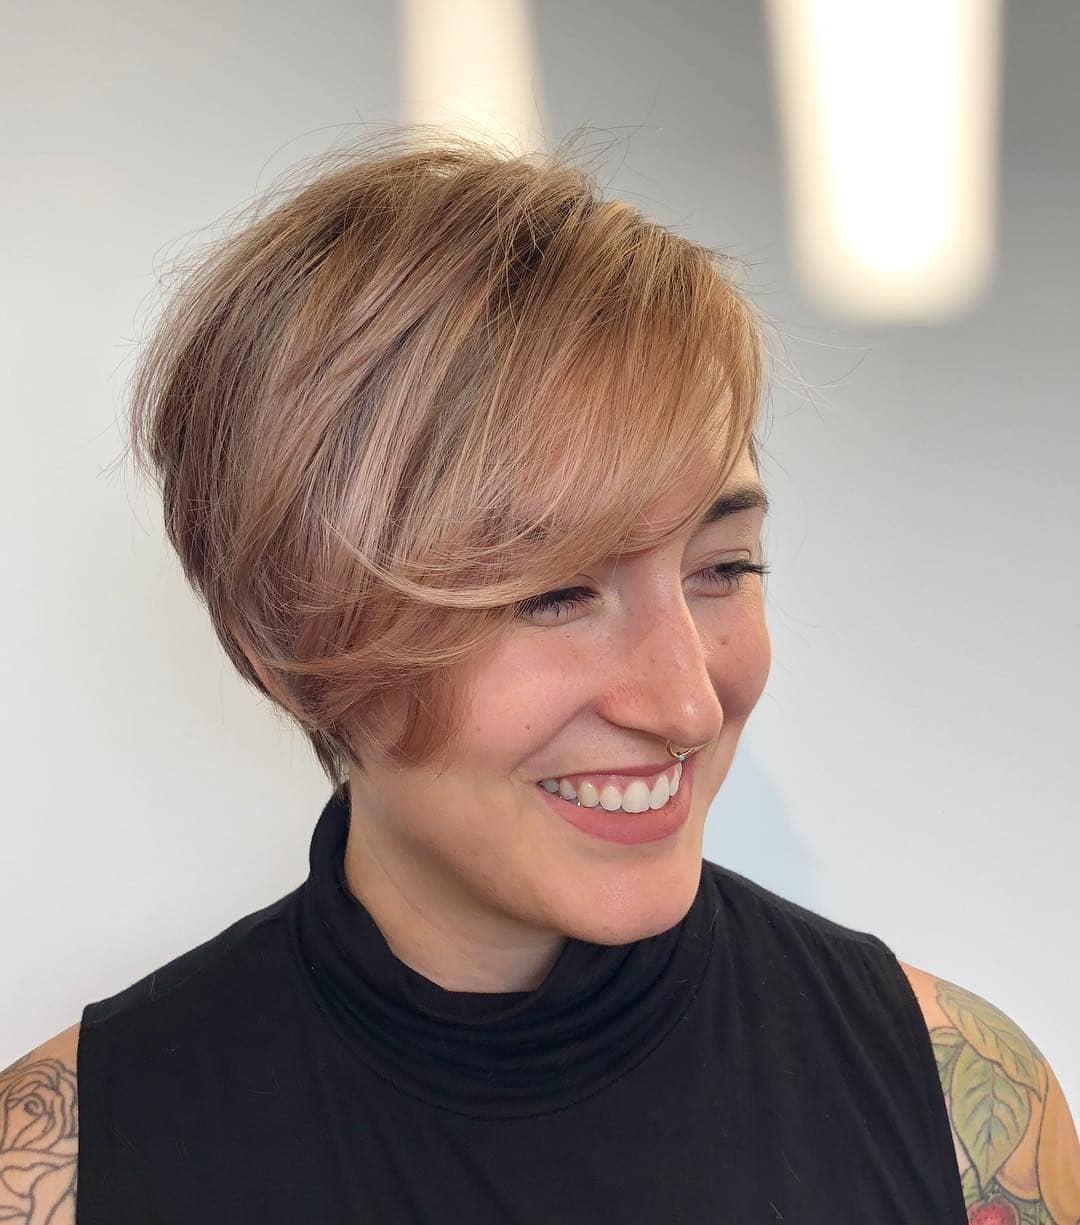 pixie cut z bardzo krótkimi włosami